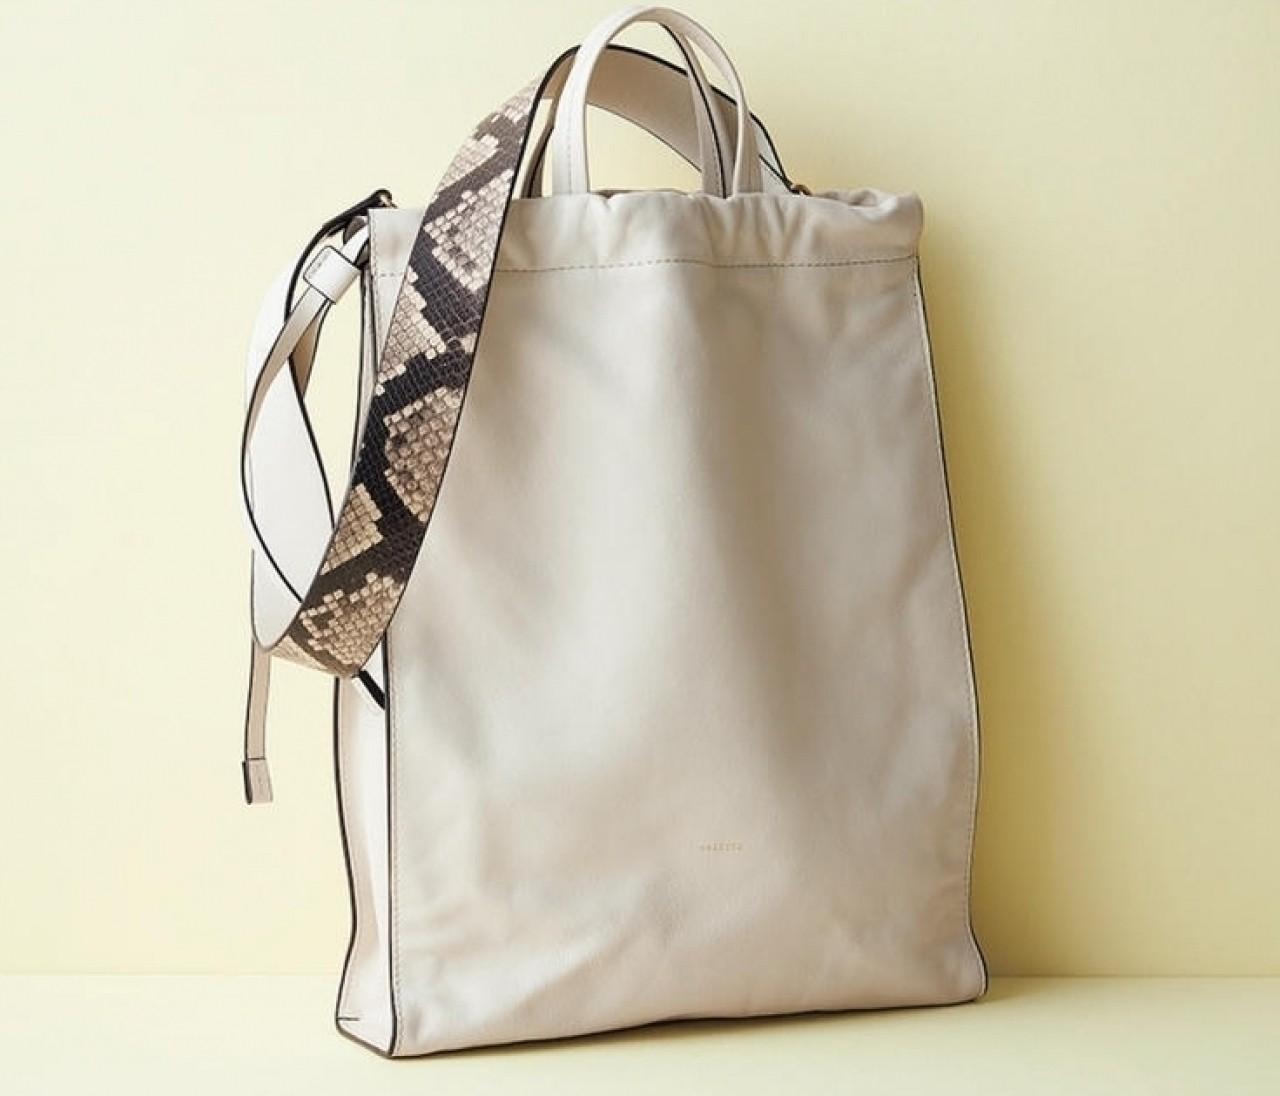 【秋の新作バッグ】軽くて大容量。ノートPCを入れやすい縦長トートバッグ5選